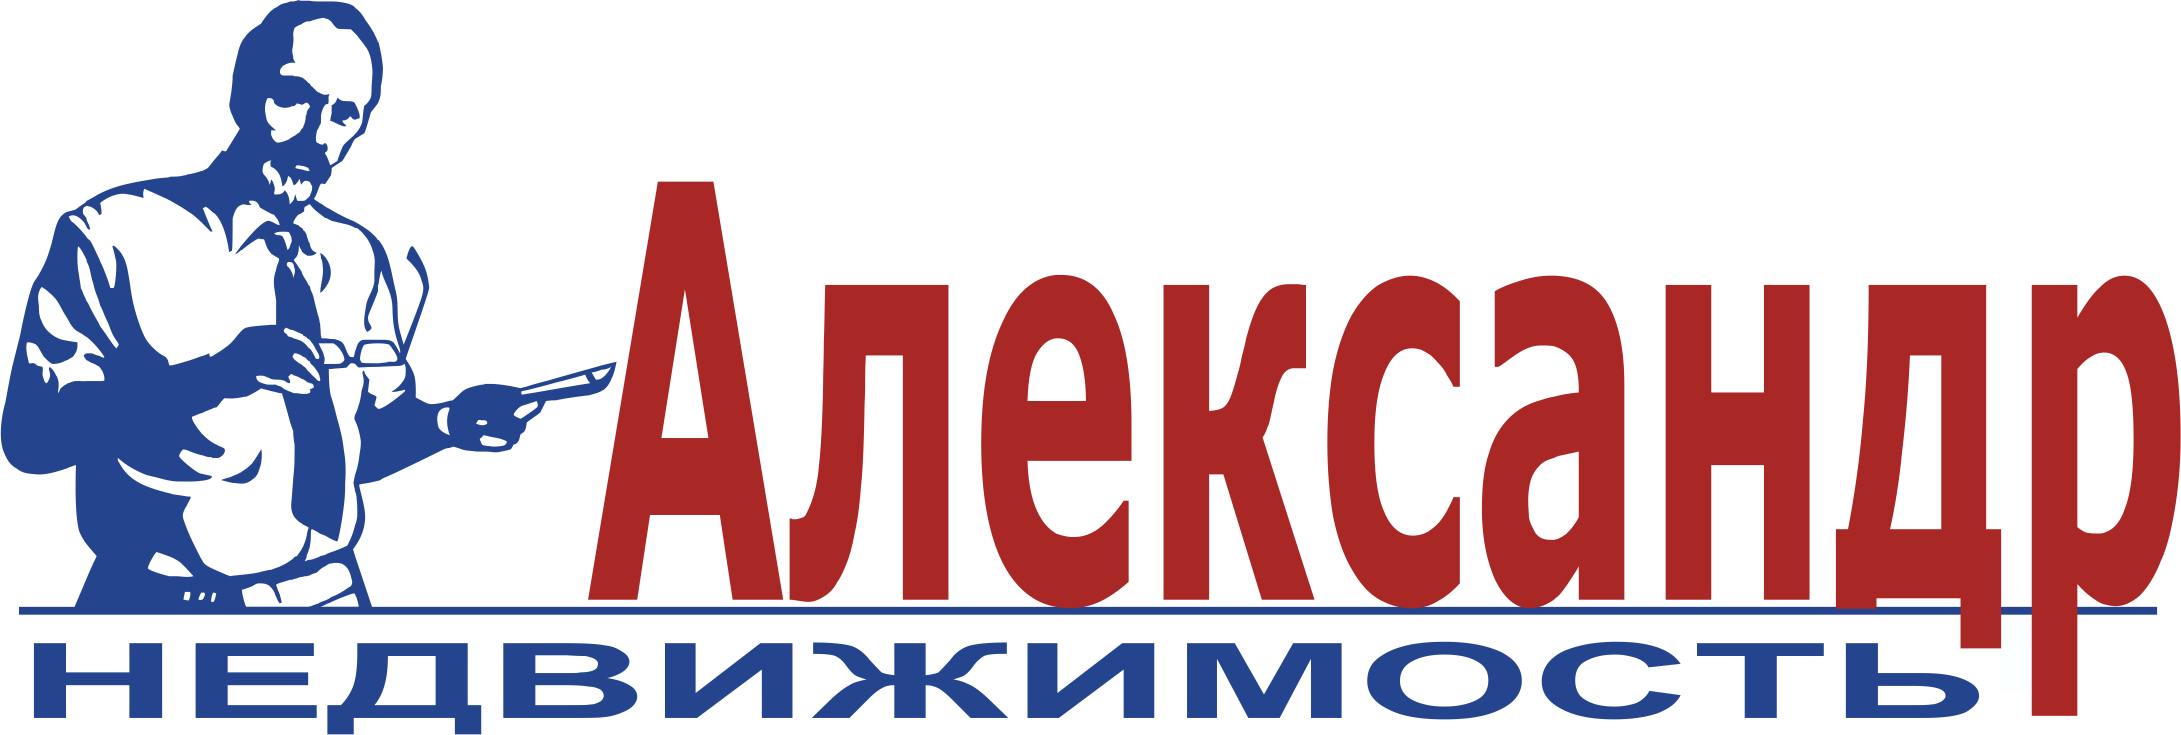 АЛЕКСАНДР Недвижимость. ООО